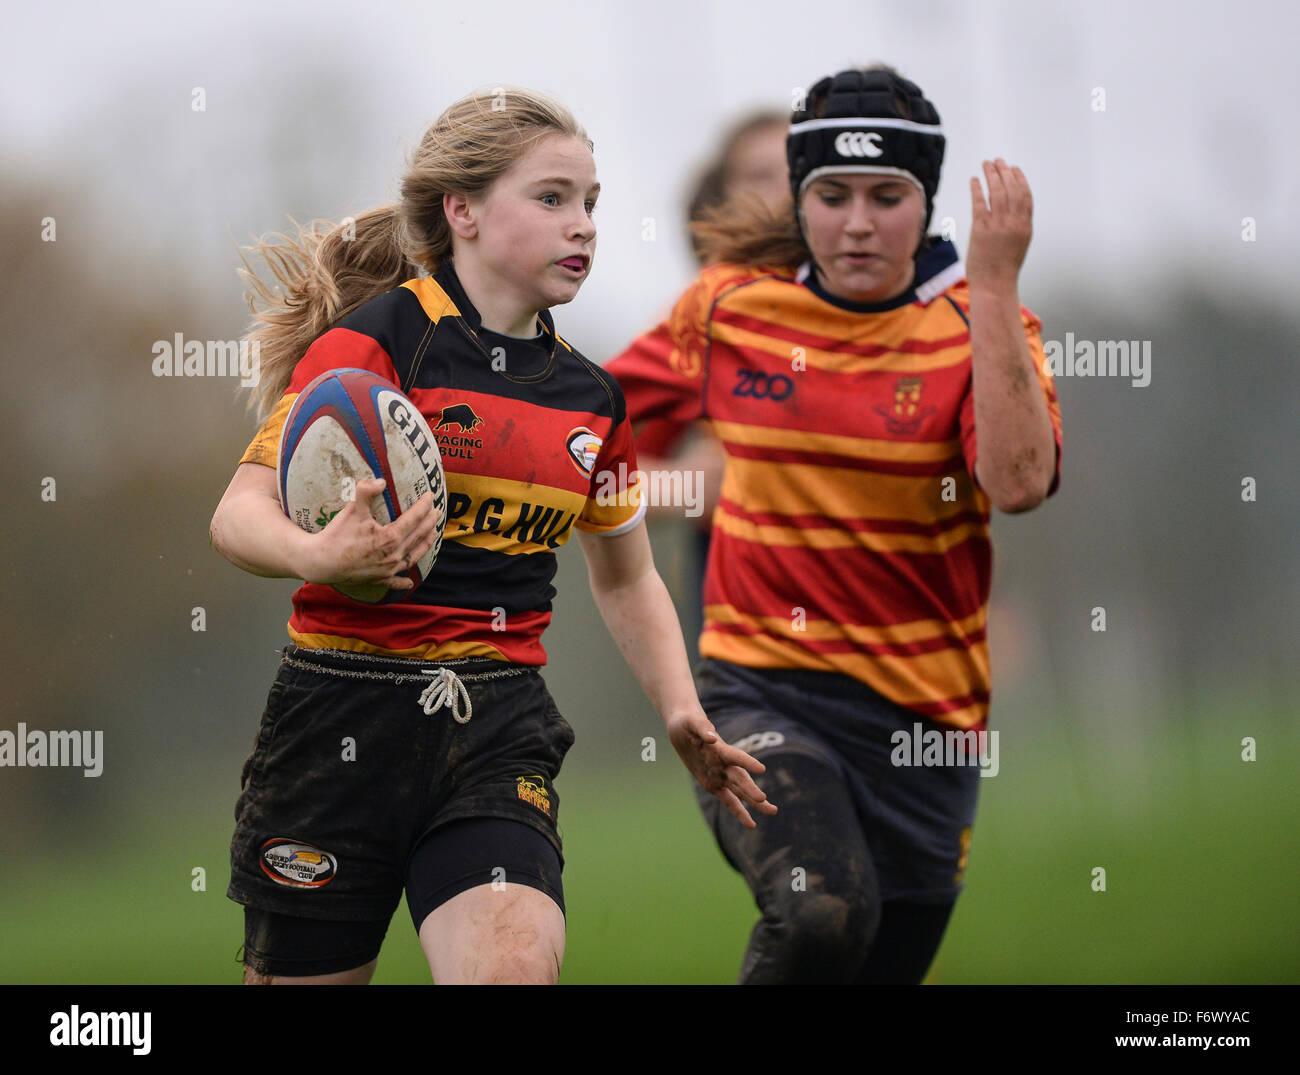 La mujer deportiva del participante. Ashford Rugby Club, 8 de noviembre de 2015 Imagen De Stock